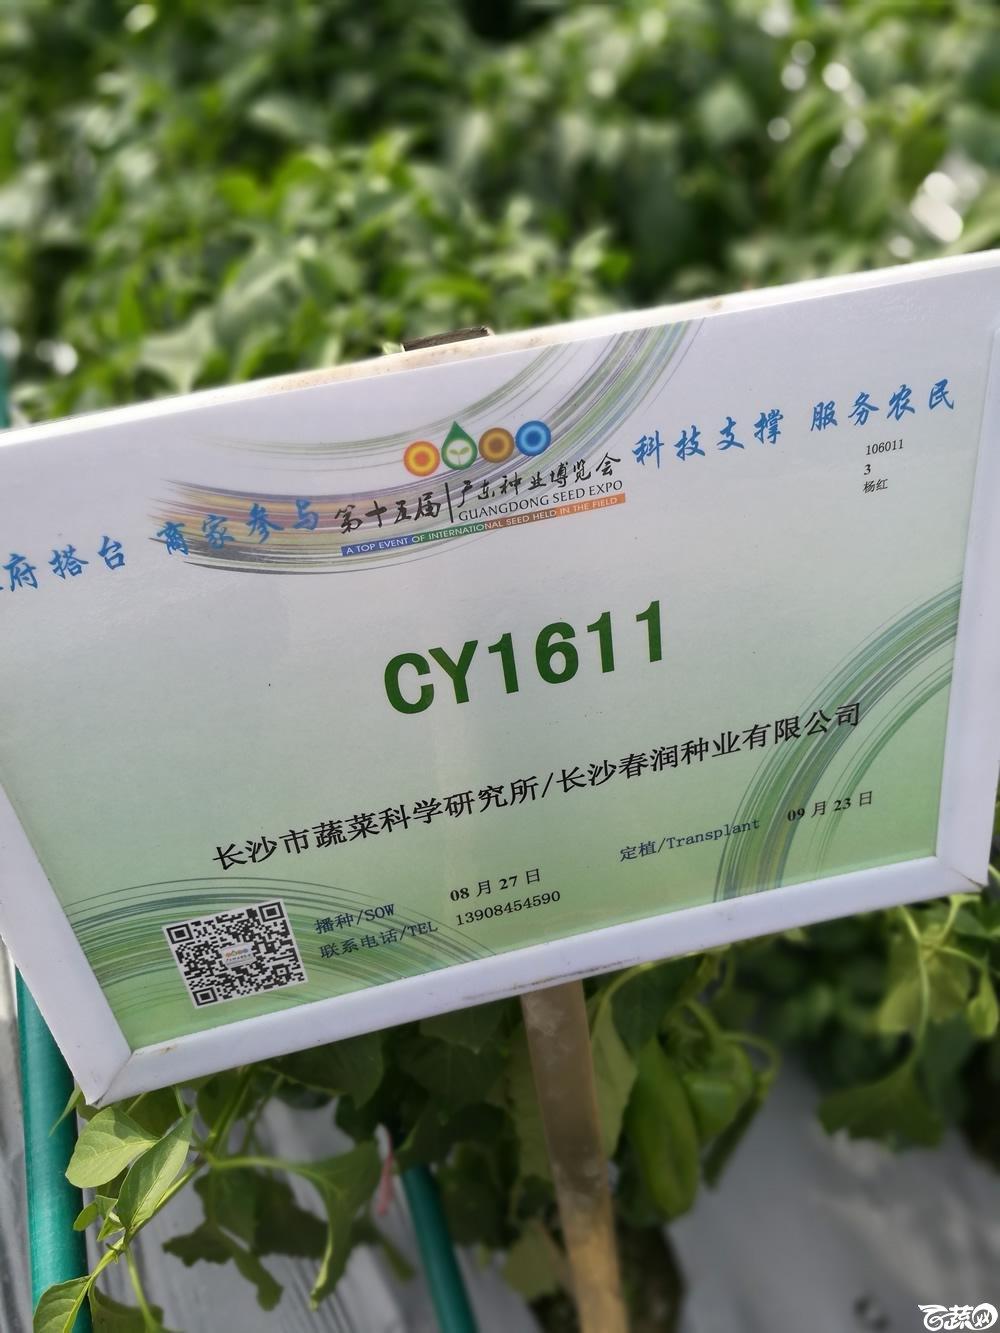 2016年15届广东种博会,长沙市蔬菜所CY1611辣椒_001.jpg